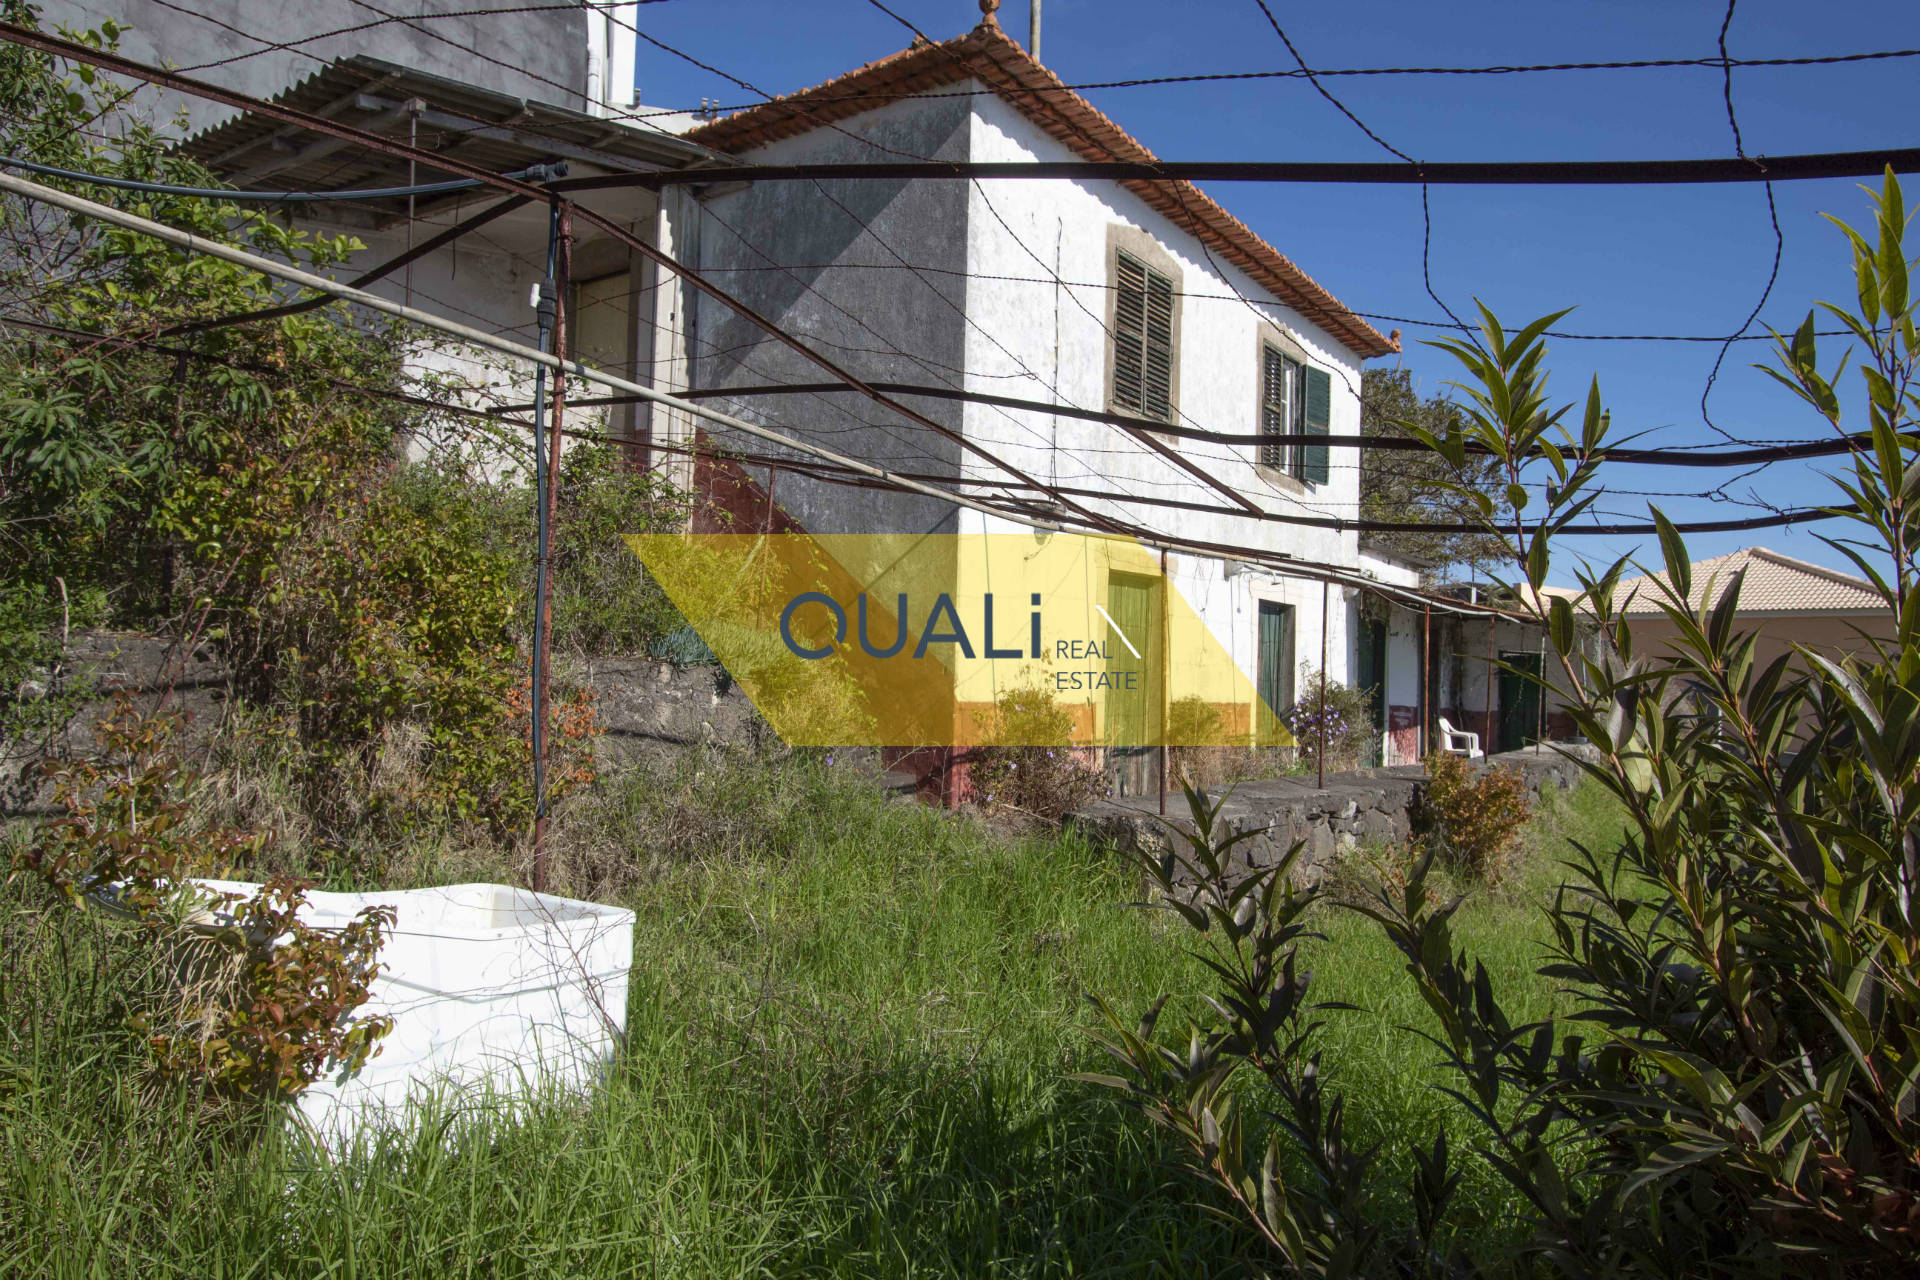 Terreno di 1910m2 con una casa a Santa Cruz - Madeira - € 150.000,00